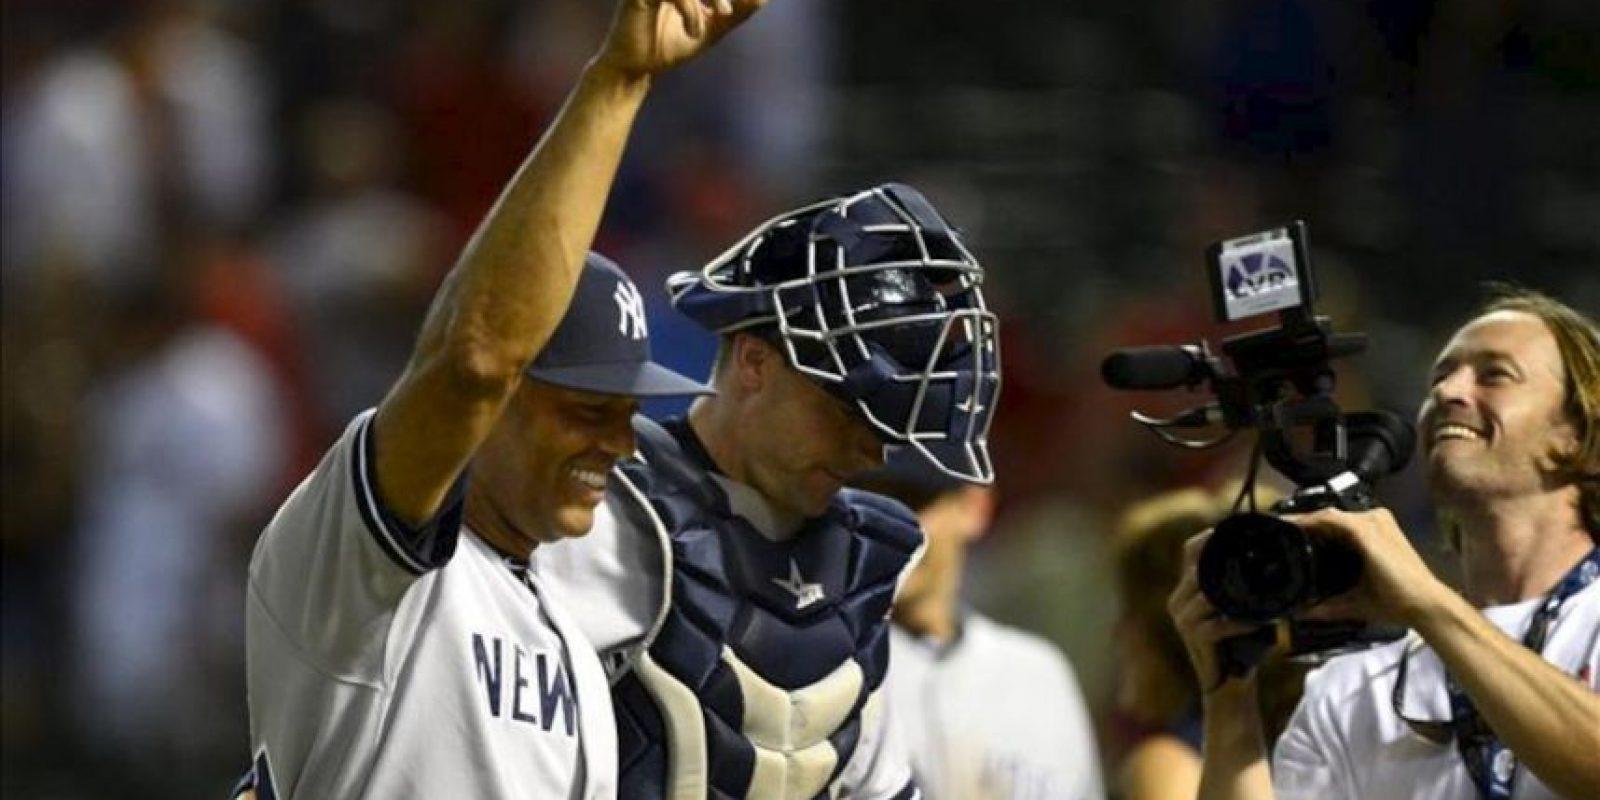 Mariano Rivera de los Yanquis de Nueva York sonríe a su salida del campo el 23 de julio de 2013, durante un partido de la MLB disputado, en el Rangers Ballpark en Arlington, Texas (EE.UU.). EFE